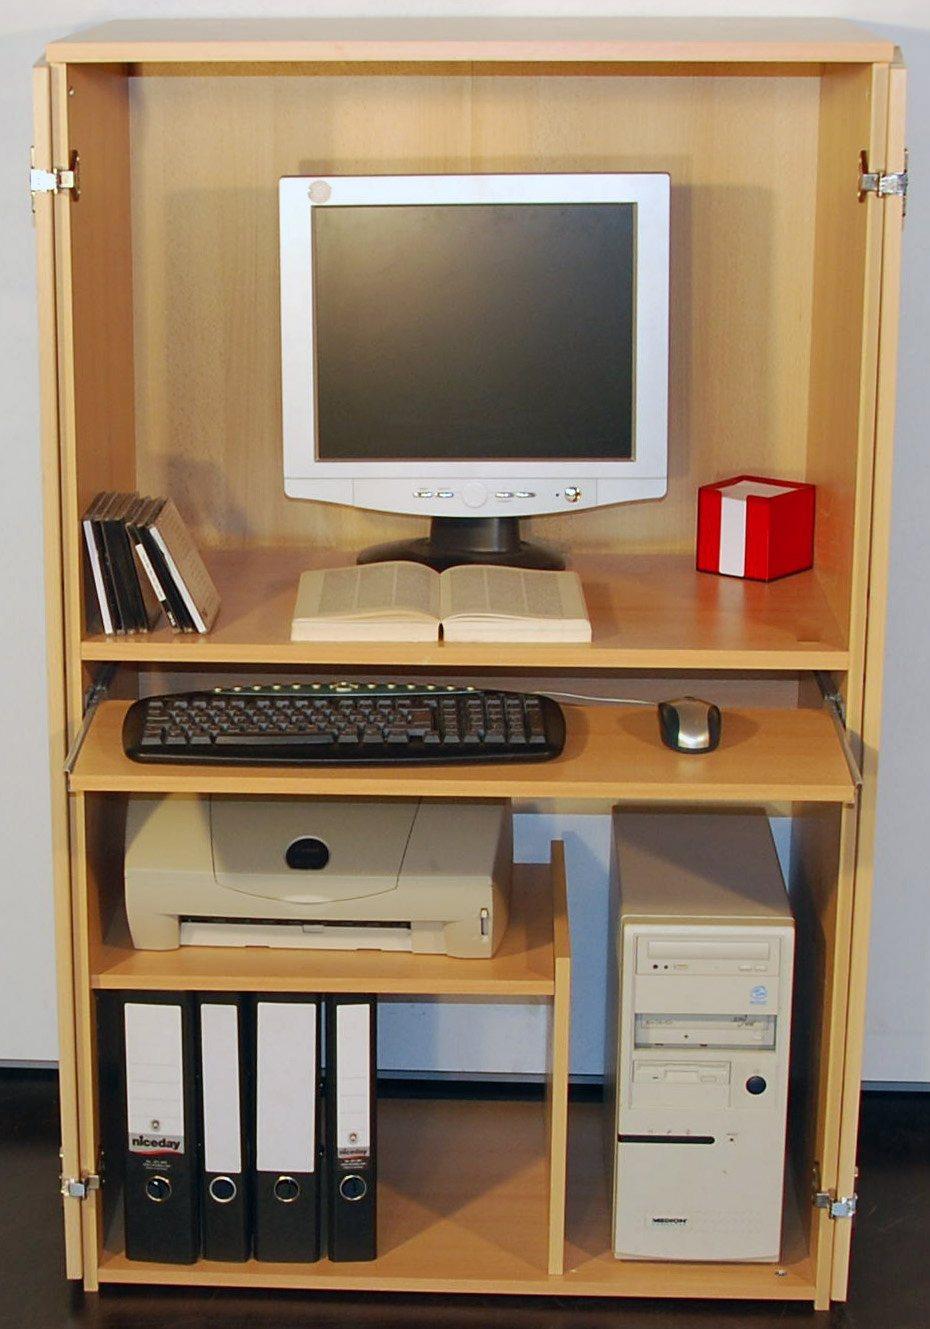 PC-Schrank, Höhe ca. 132 cm